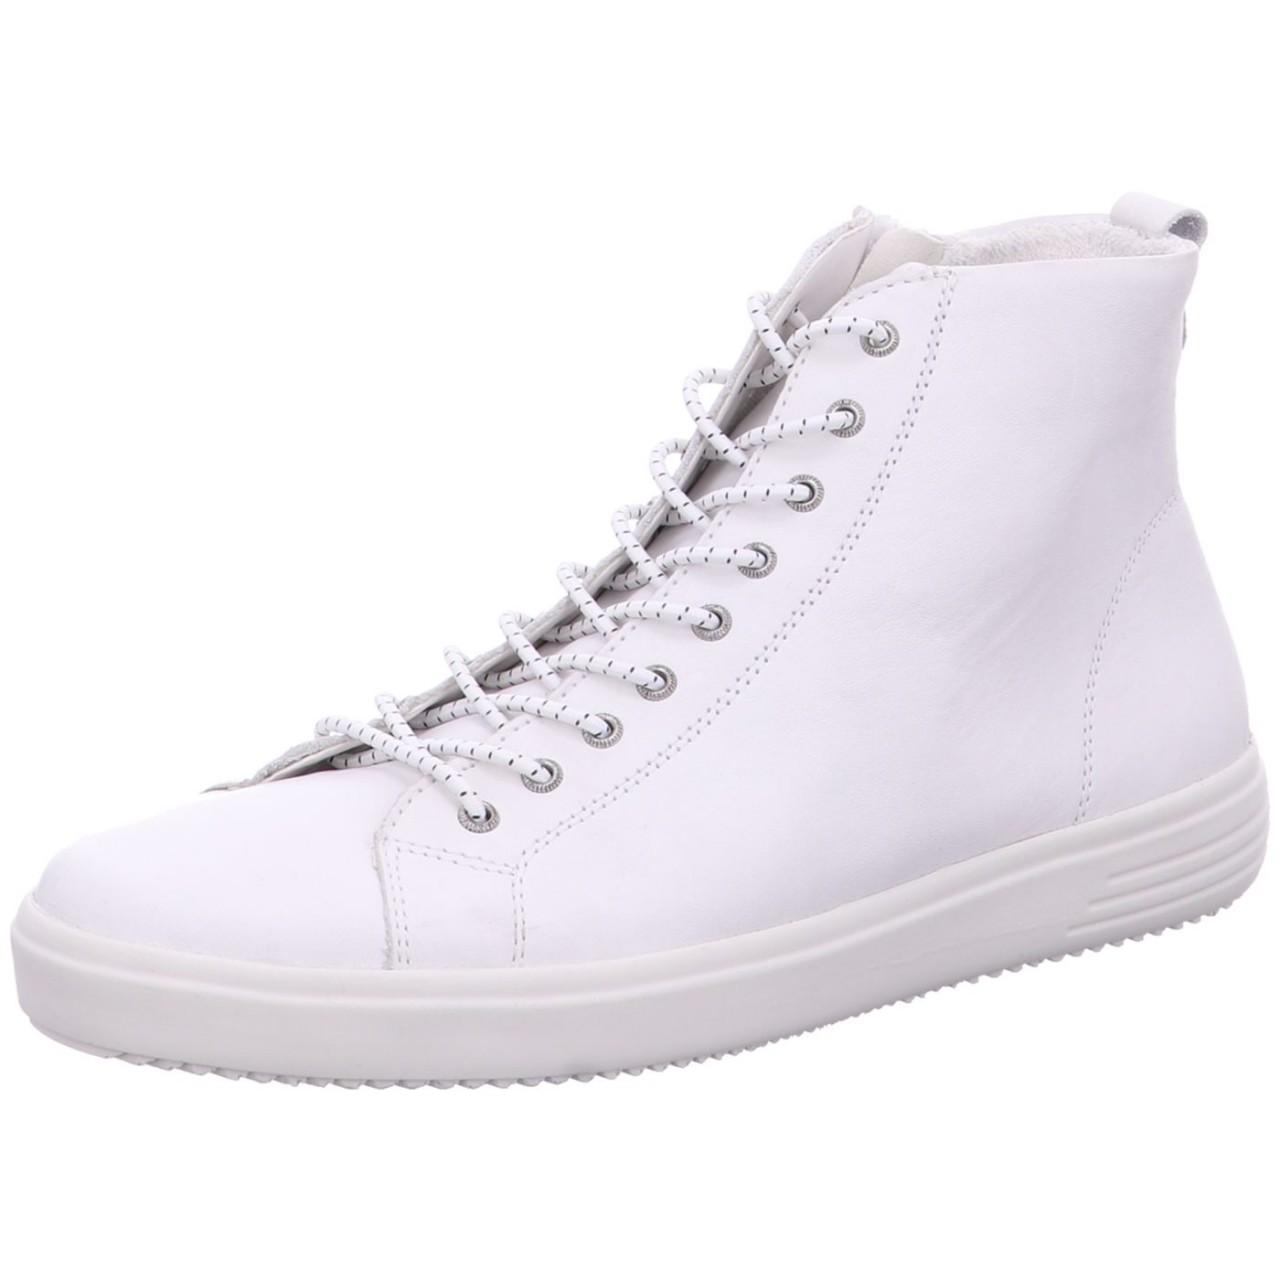 Remonte Stiefel Weiß bianco 80 D1470-80